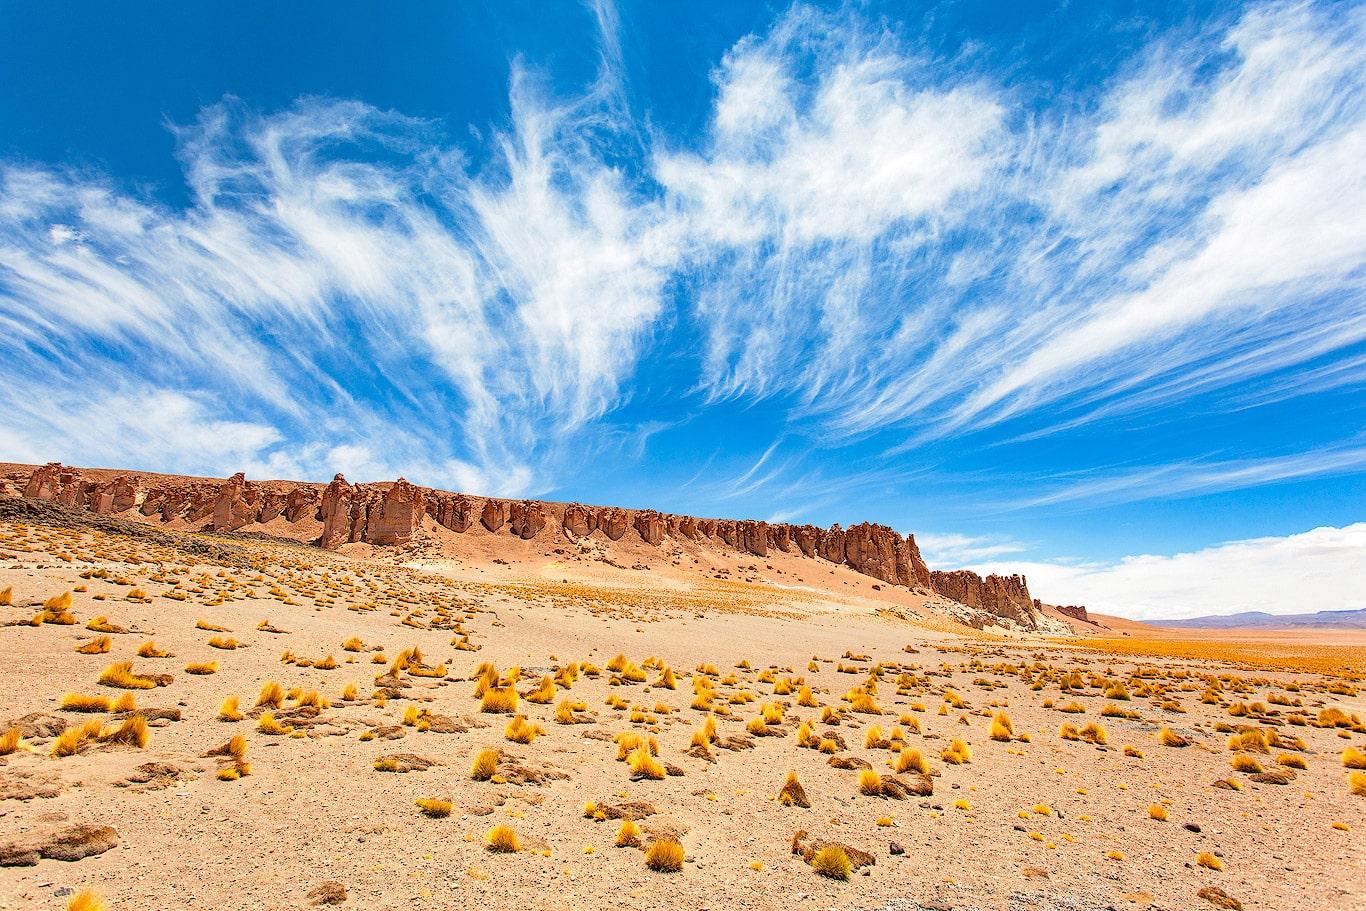 The Tara salt flat, Chile